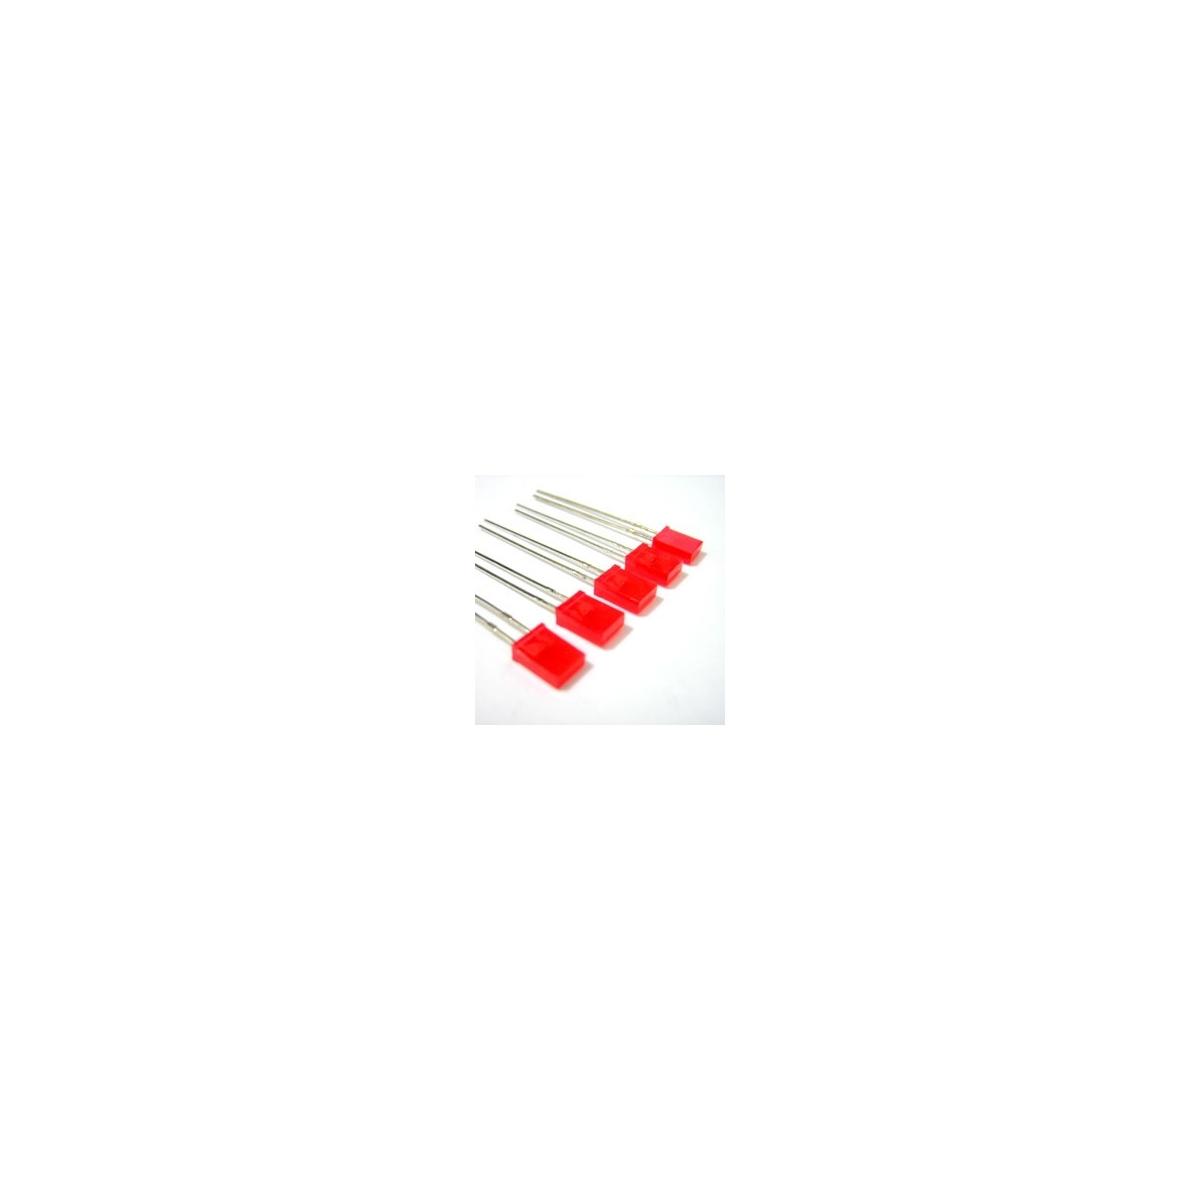 LED VERMELHO RETANGULAR - TMCL 162